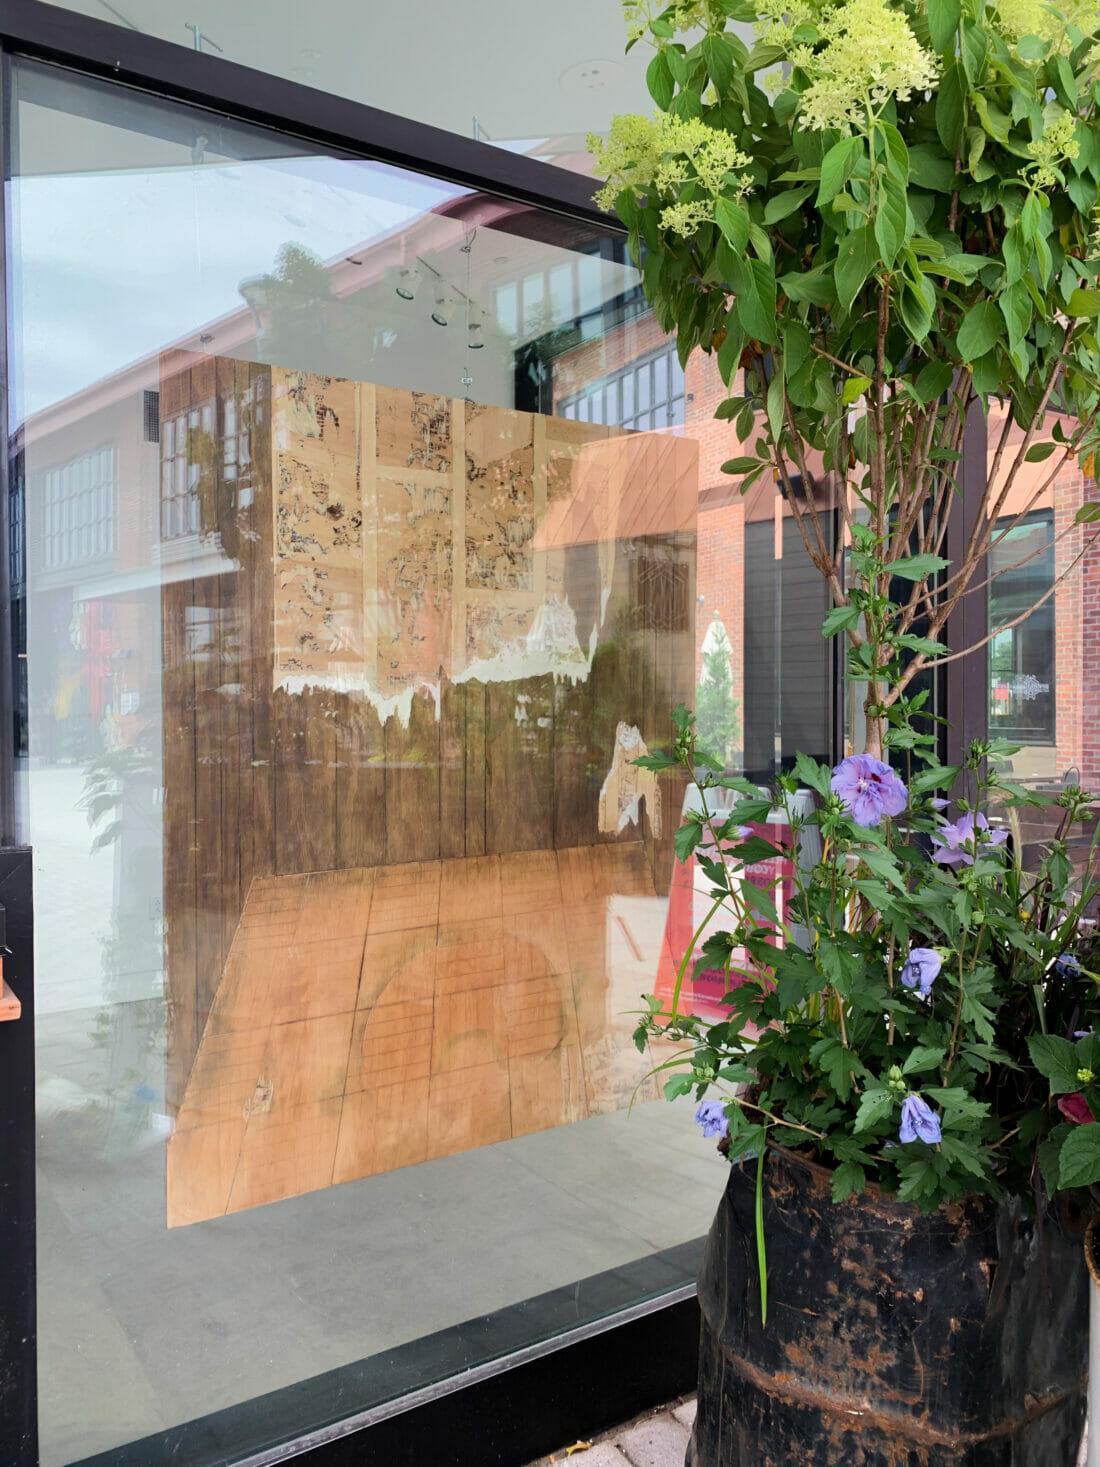 Local art at Arsenal Yards